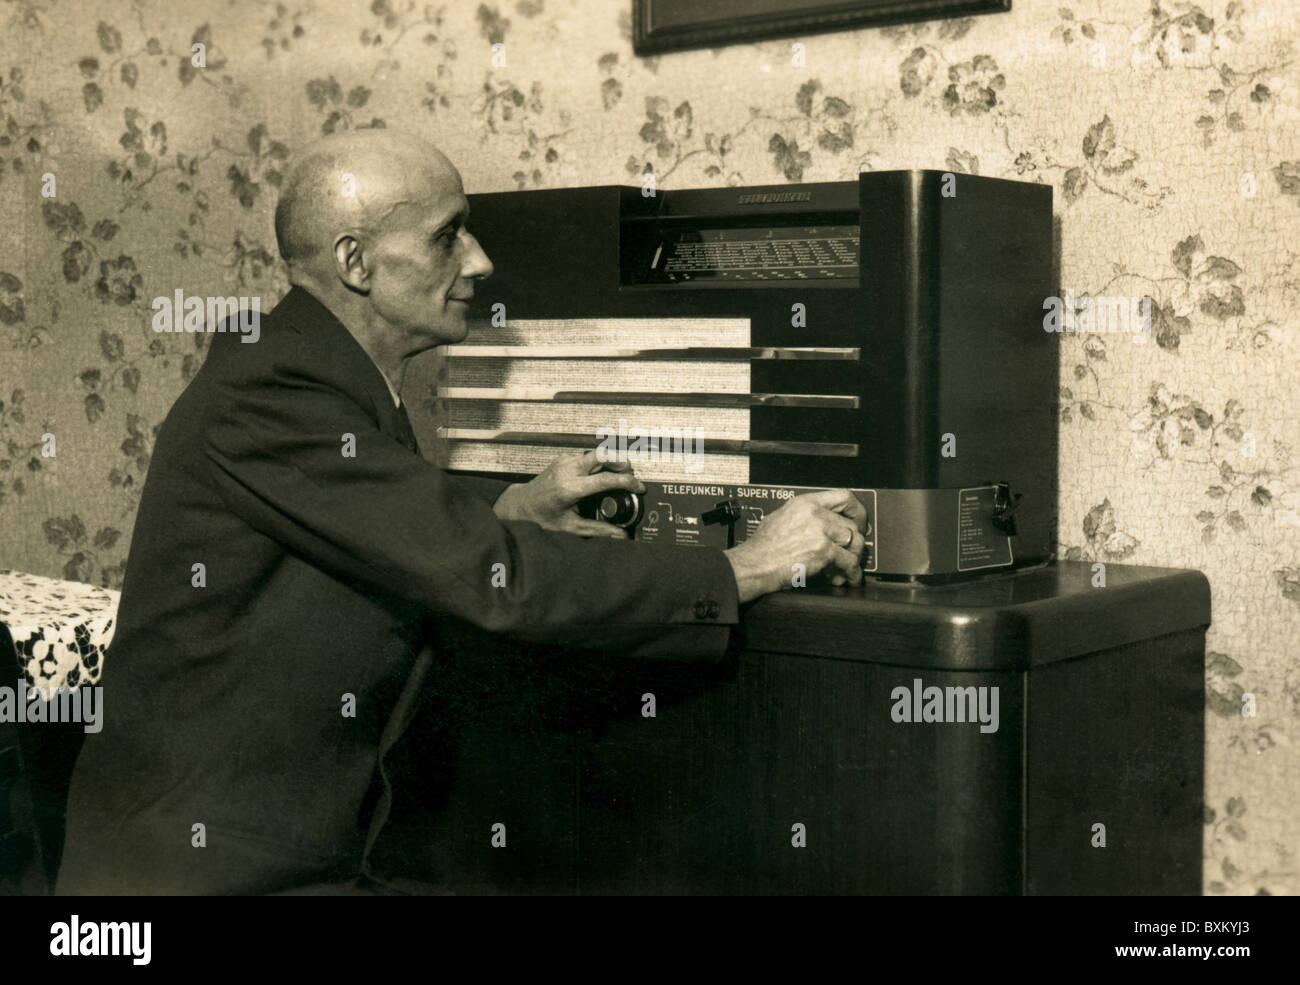 Emisión, radio, escucha con su radio Telefunken T 686, Alemania, 1936, 1930s, 30s, siglo xx, histórico, Imagen De Stock